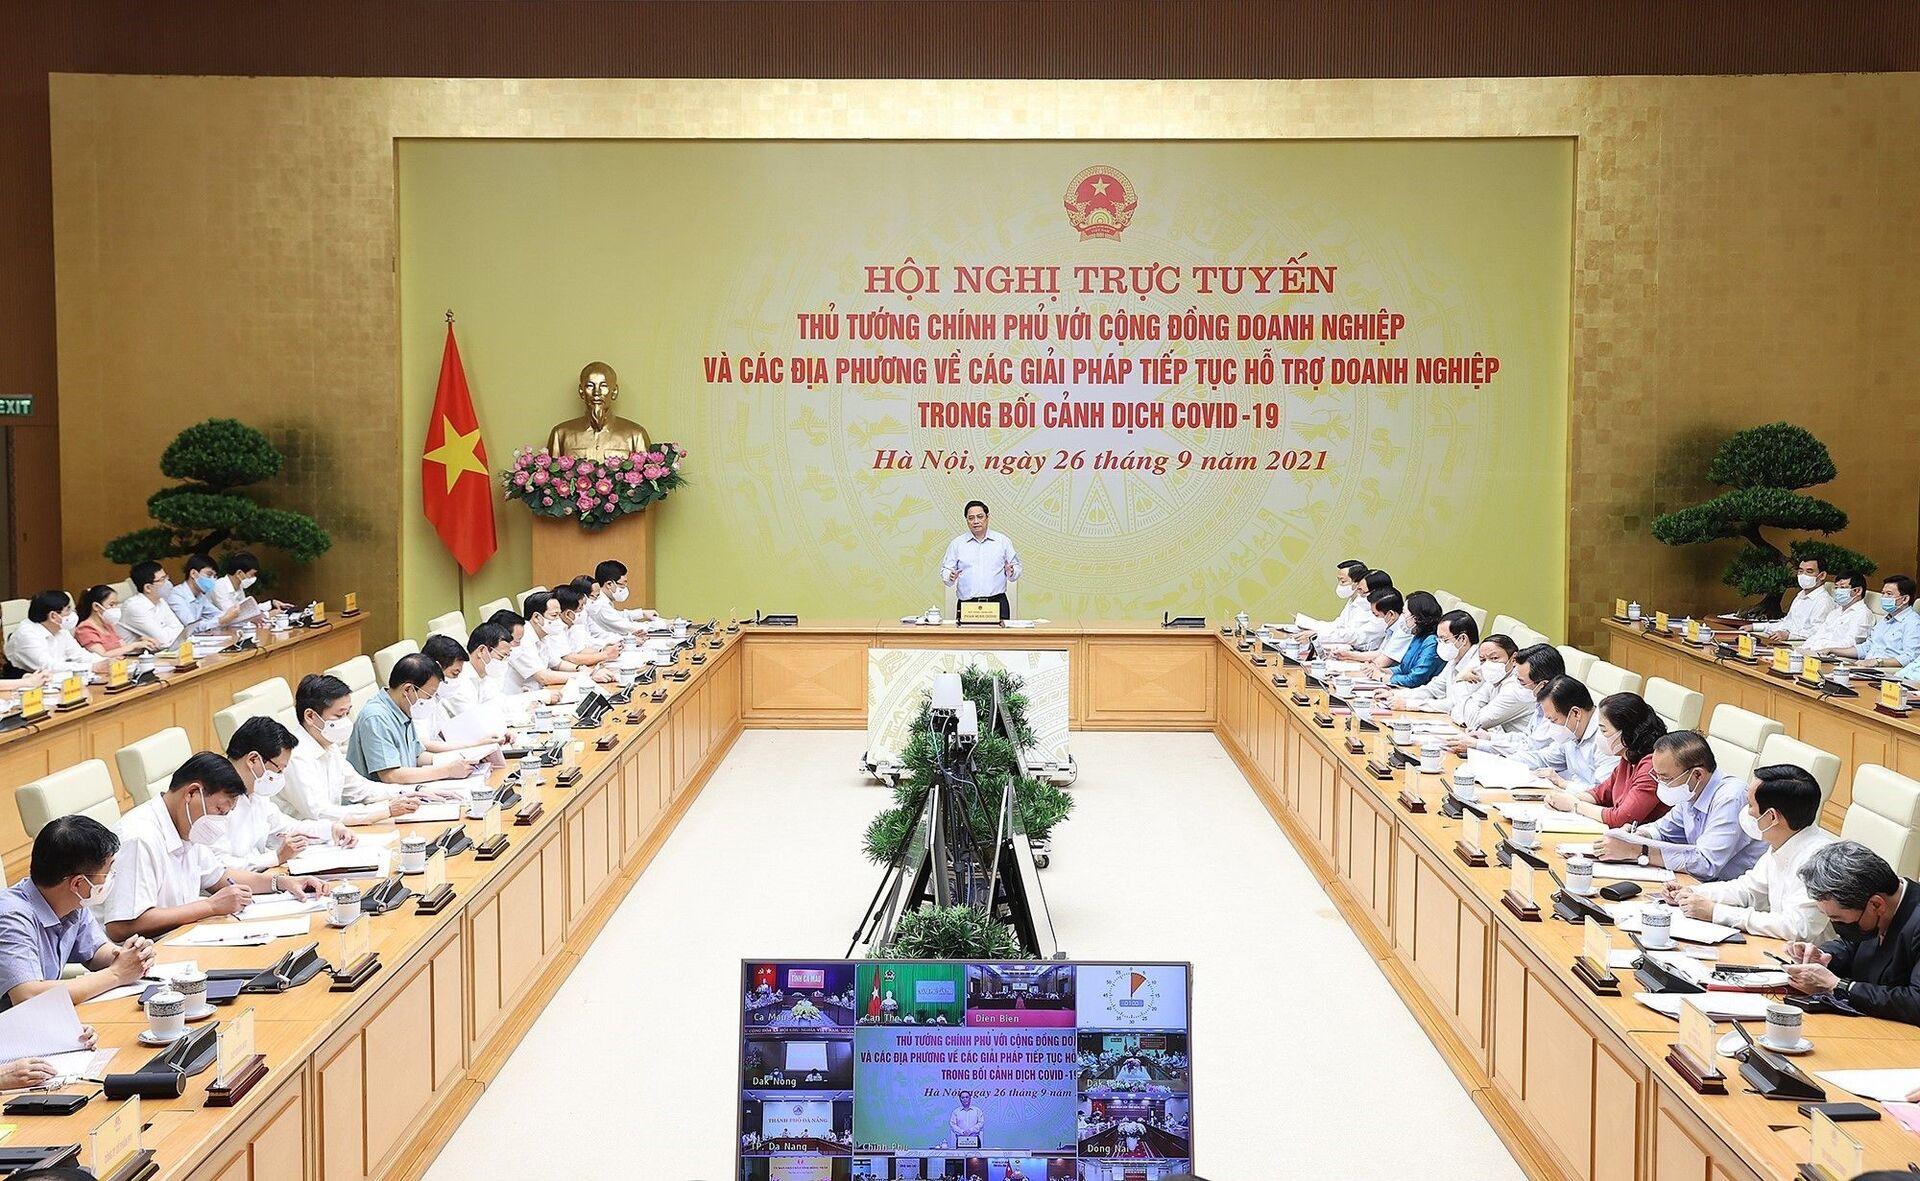 Thủ tướng Phạm Minh Chính chủ trì Hội nghị bàn giải pháp hỗ trợ doanh nghiệp trong bối cảnh dịch COVID-19 - Sputnik Việt Nam, 1920, 05.10.2021